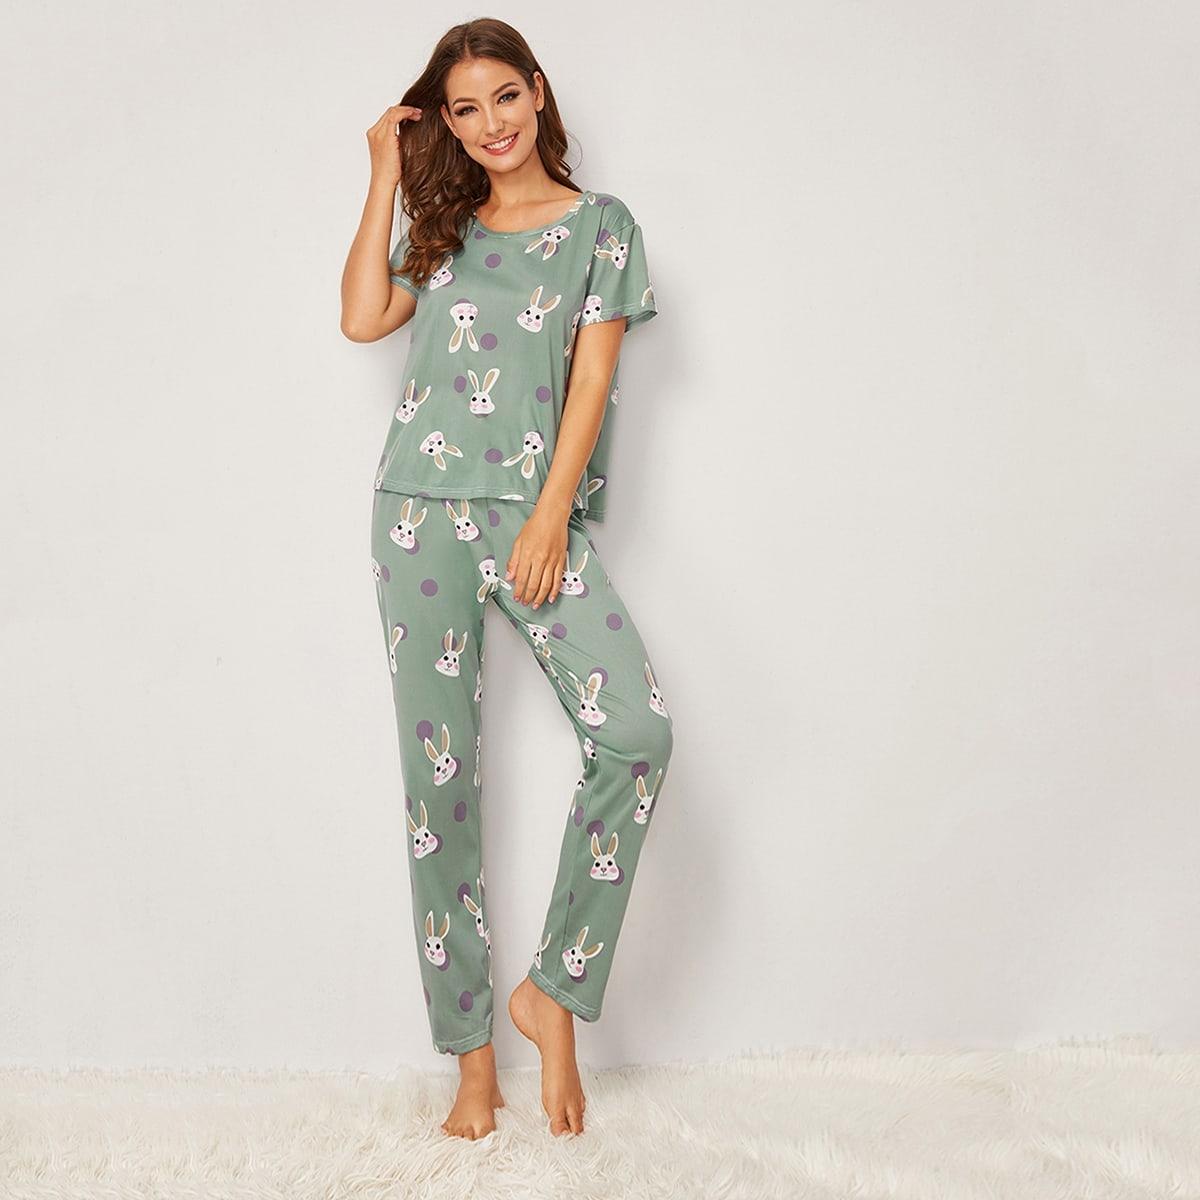 Groen Casual Stippen Lounge kleding